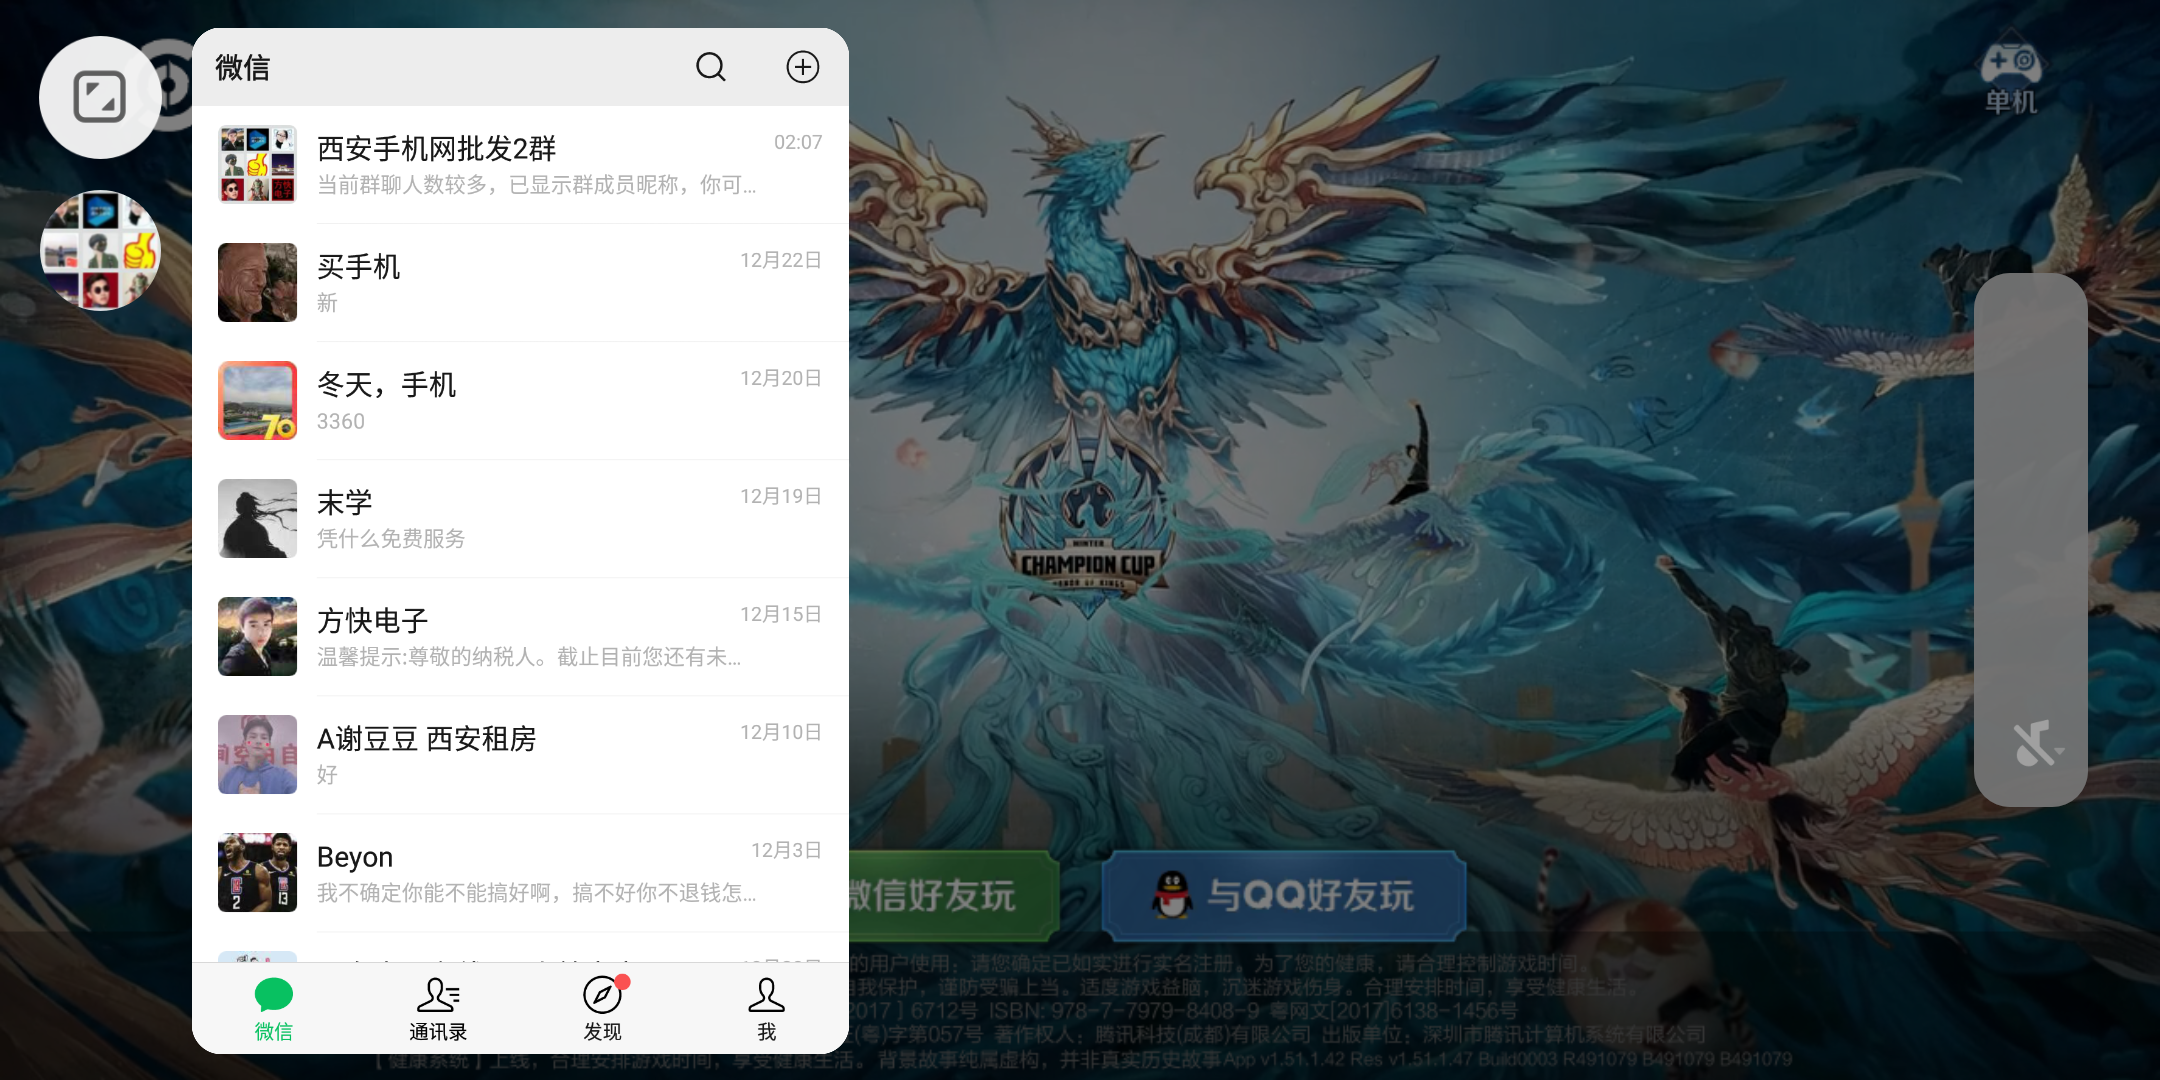 魅族flyme系统游戏模式图片,魅族flyme10游戏窗口模式截图